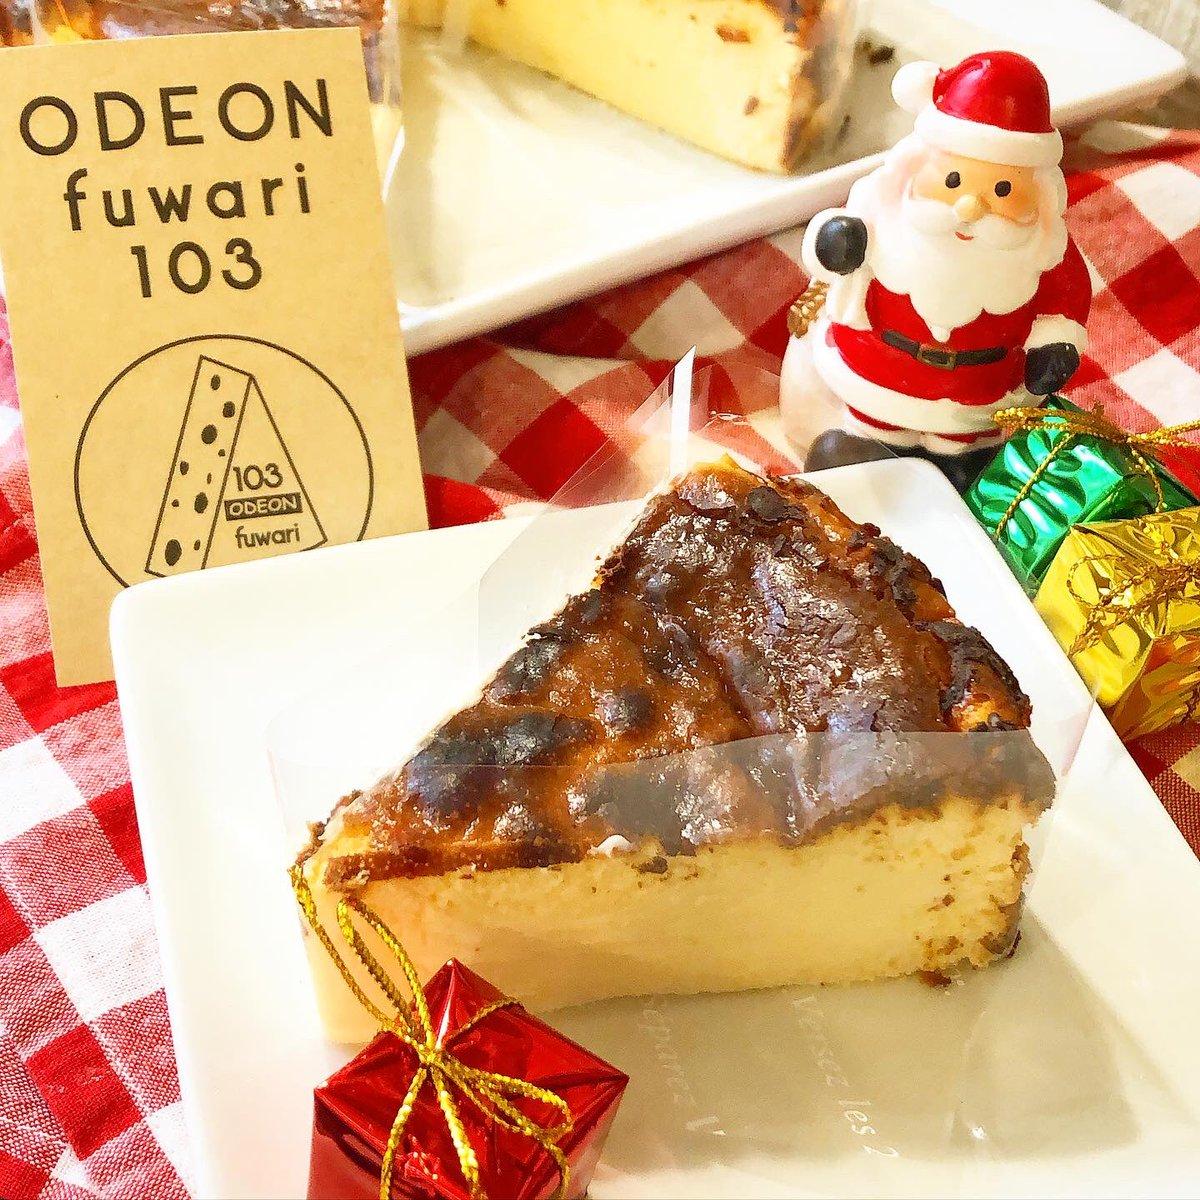 12.22(sun)  こんにちは☺︎🧀  クリスマスももうすぐですね🎄  クリスマスケーキのご予約ですが、24日.25日の受け渡しでしたら、まだ受付中です! ショコラバージョンになったバスクチ、是非お試しください!(≧︎艸≦︎)  ご試食をお出しすることも可能ですので、お店までいらして下さい❀︎ https://t.co/haRA0NEfyq